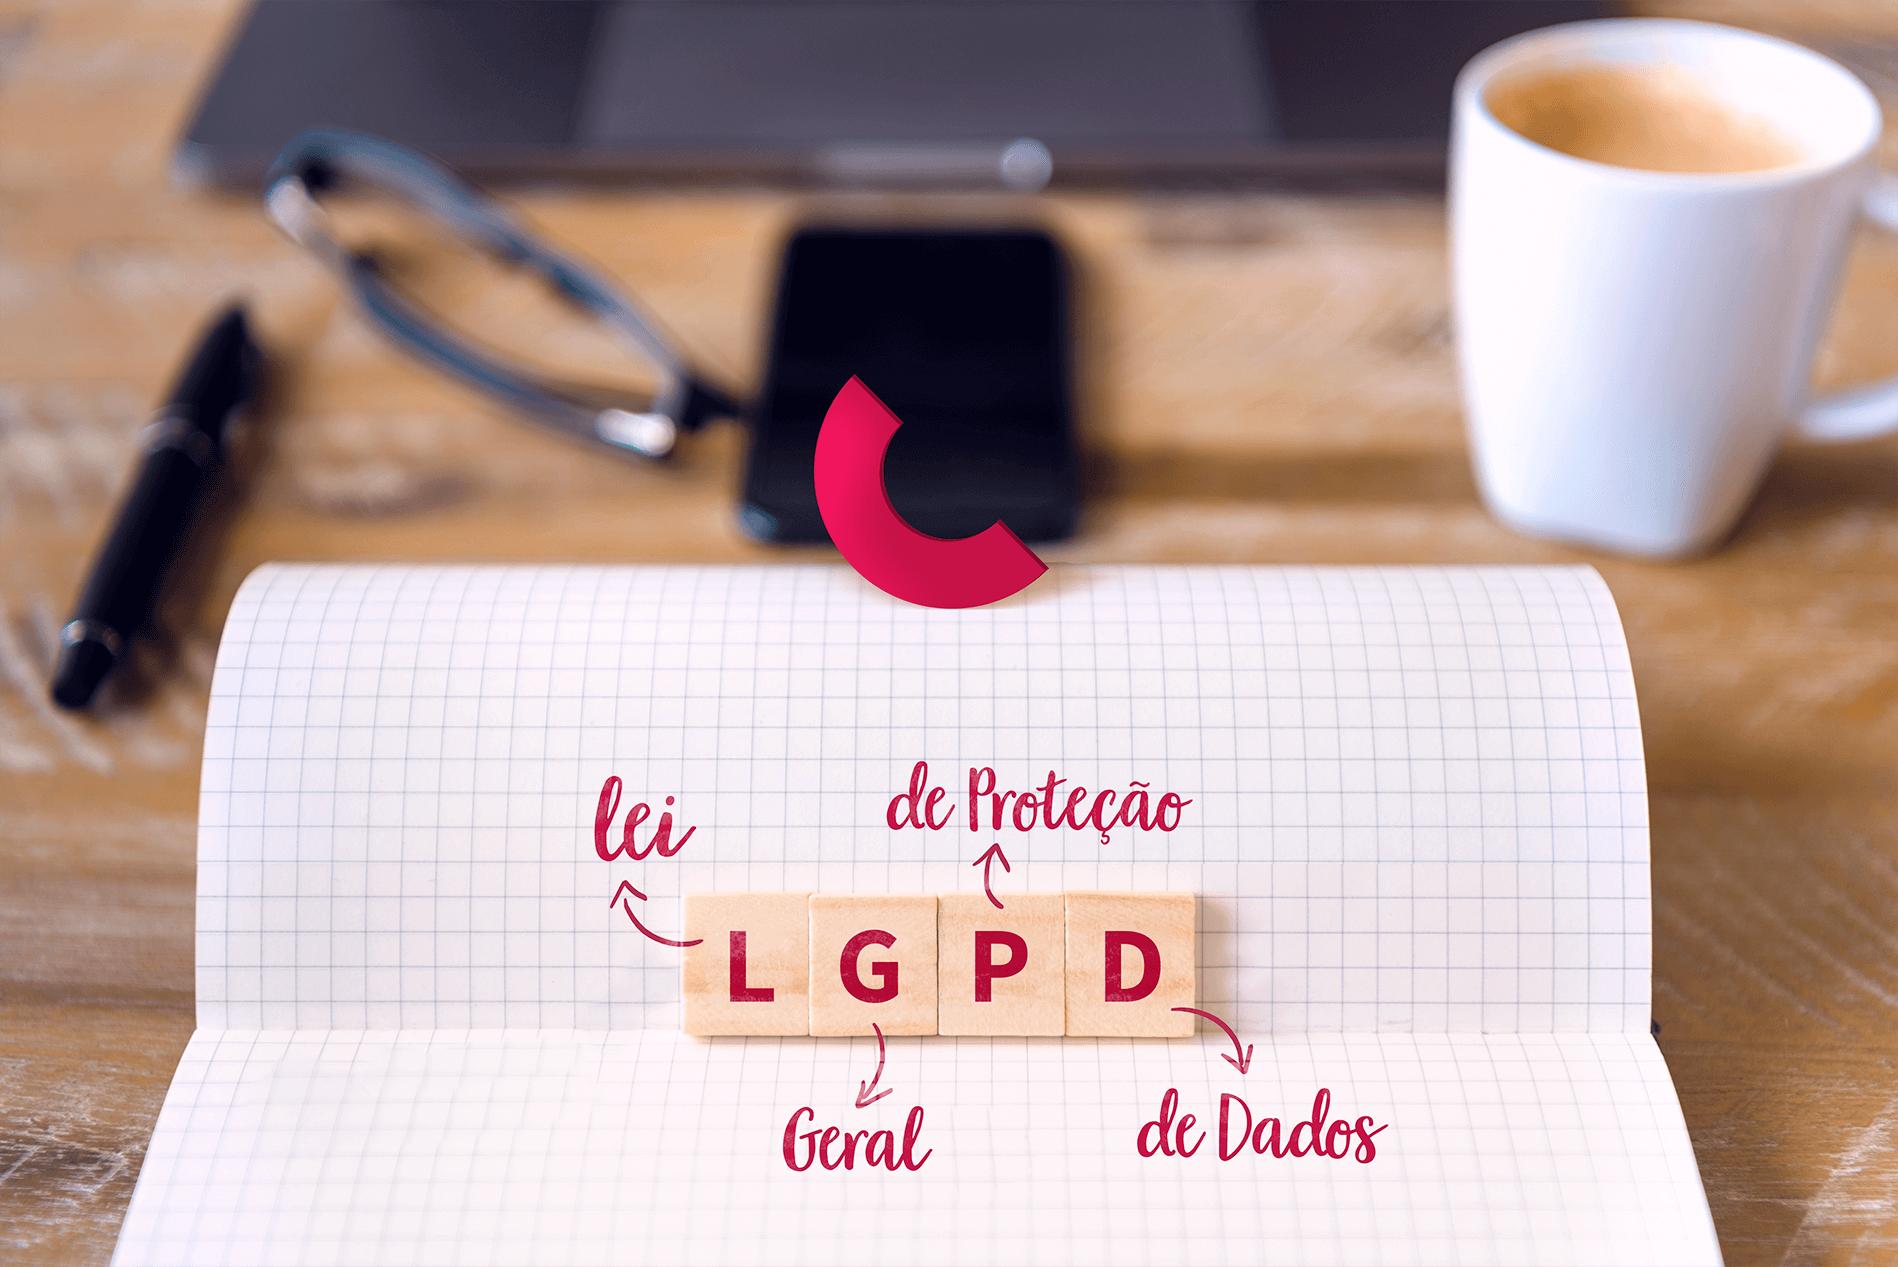 LGPD: Como adequar as ações de Marketing Digital para cumprir as novas regras